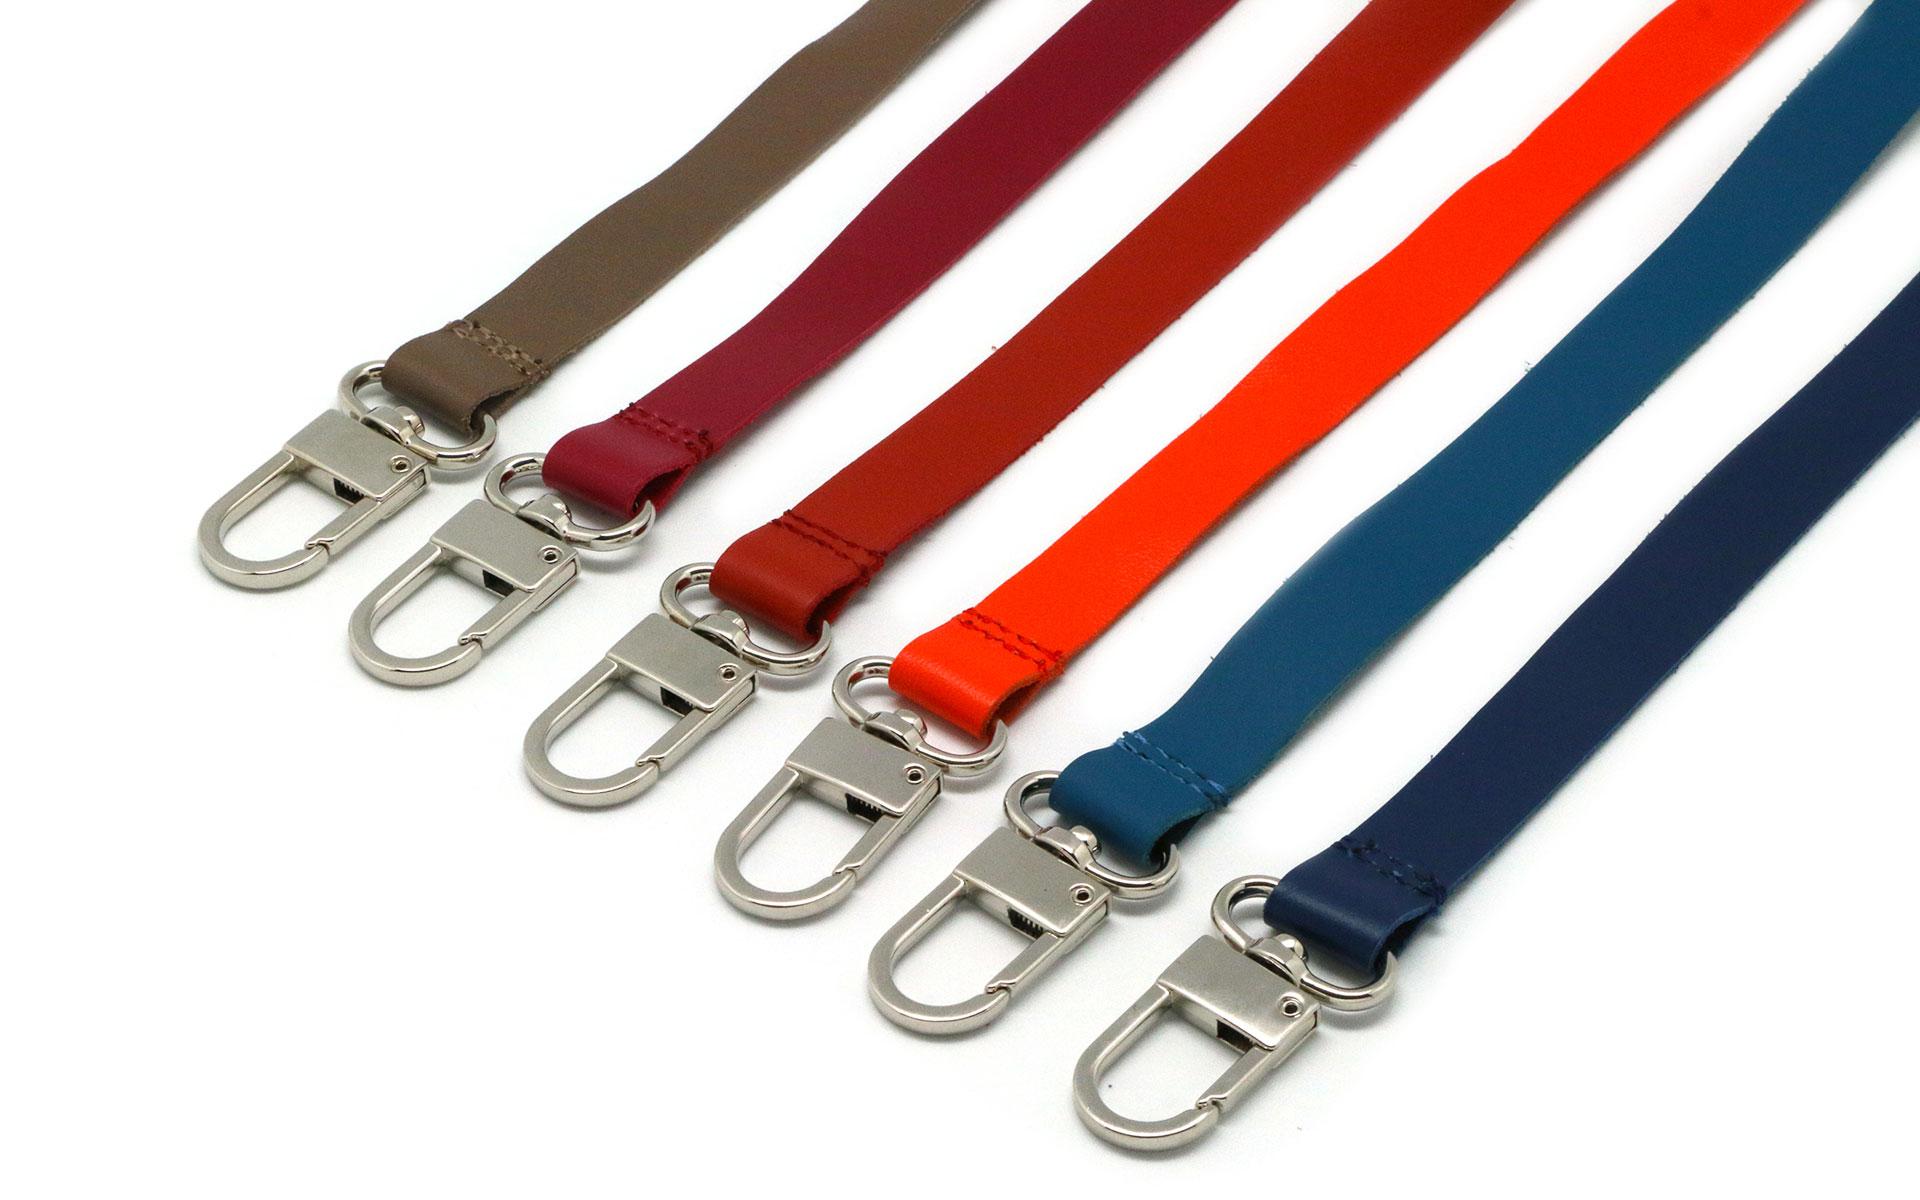 ibou Key Straps